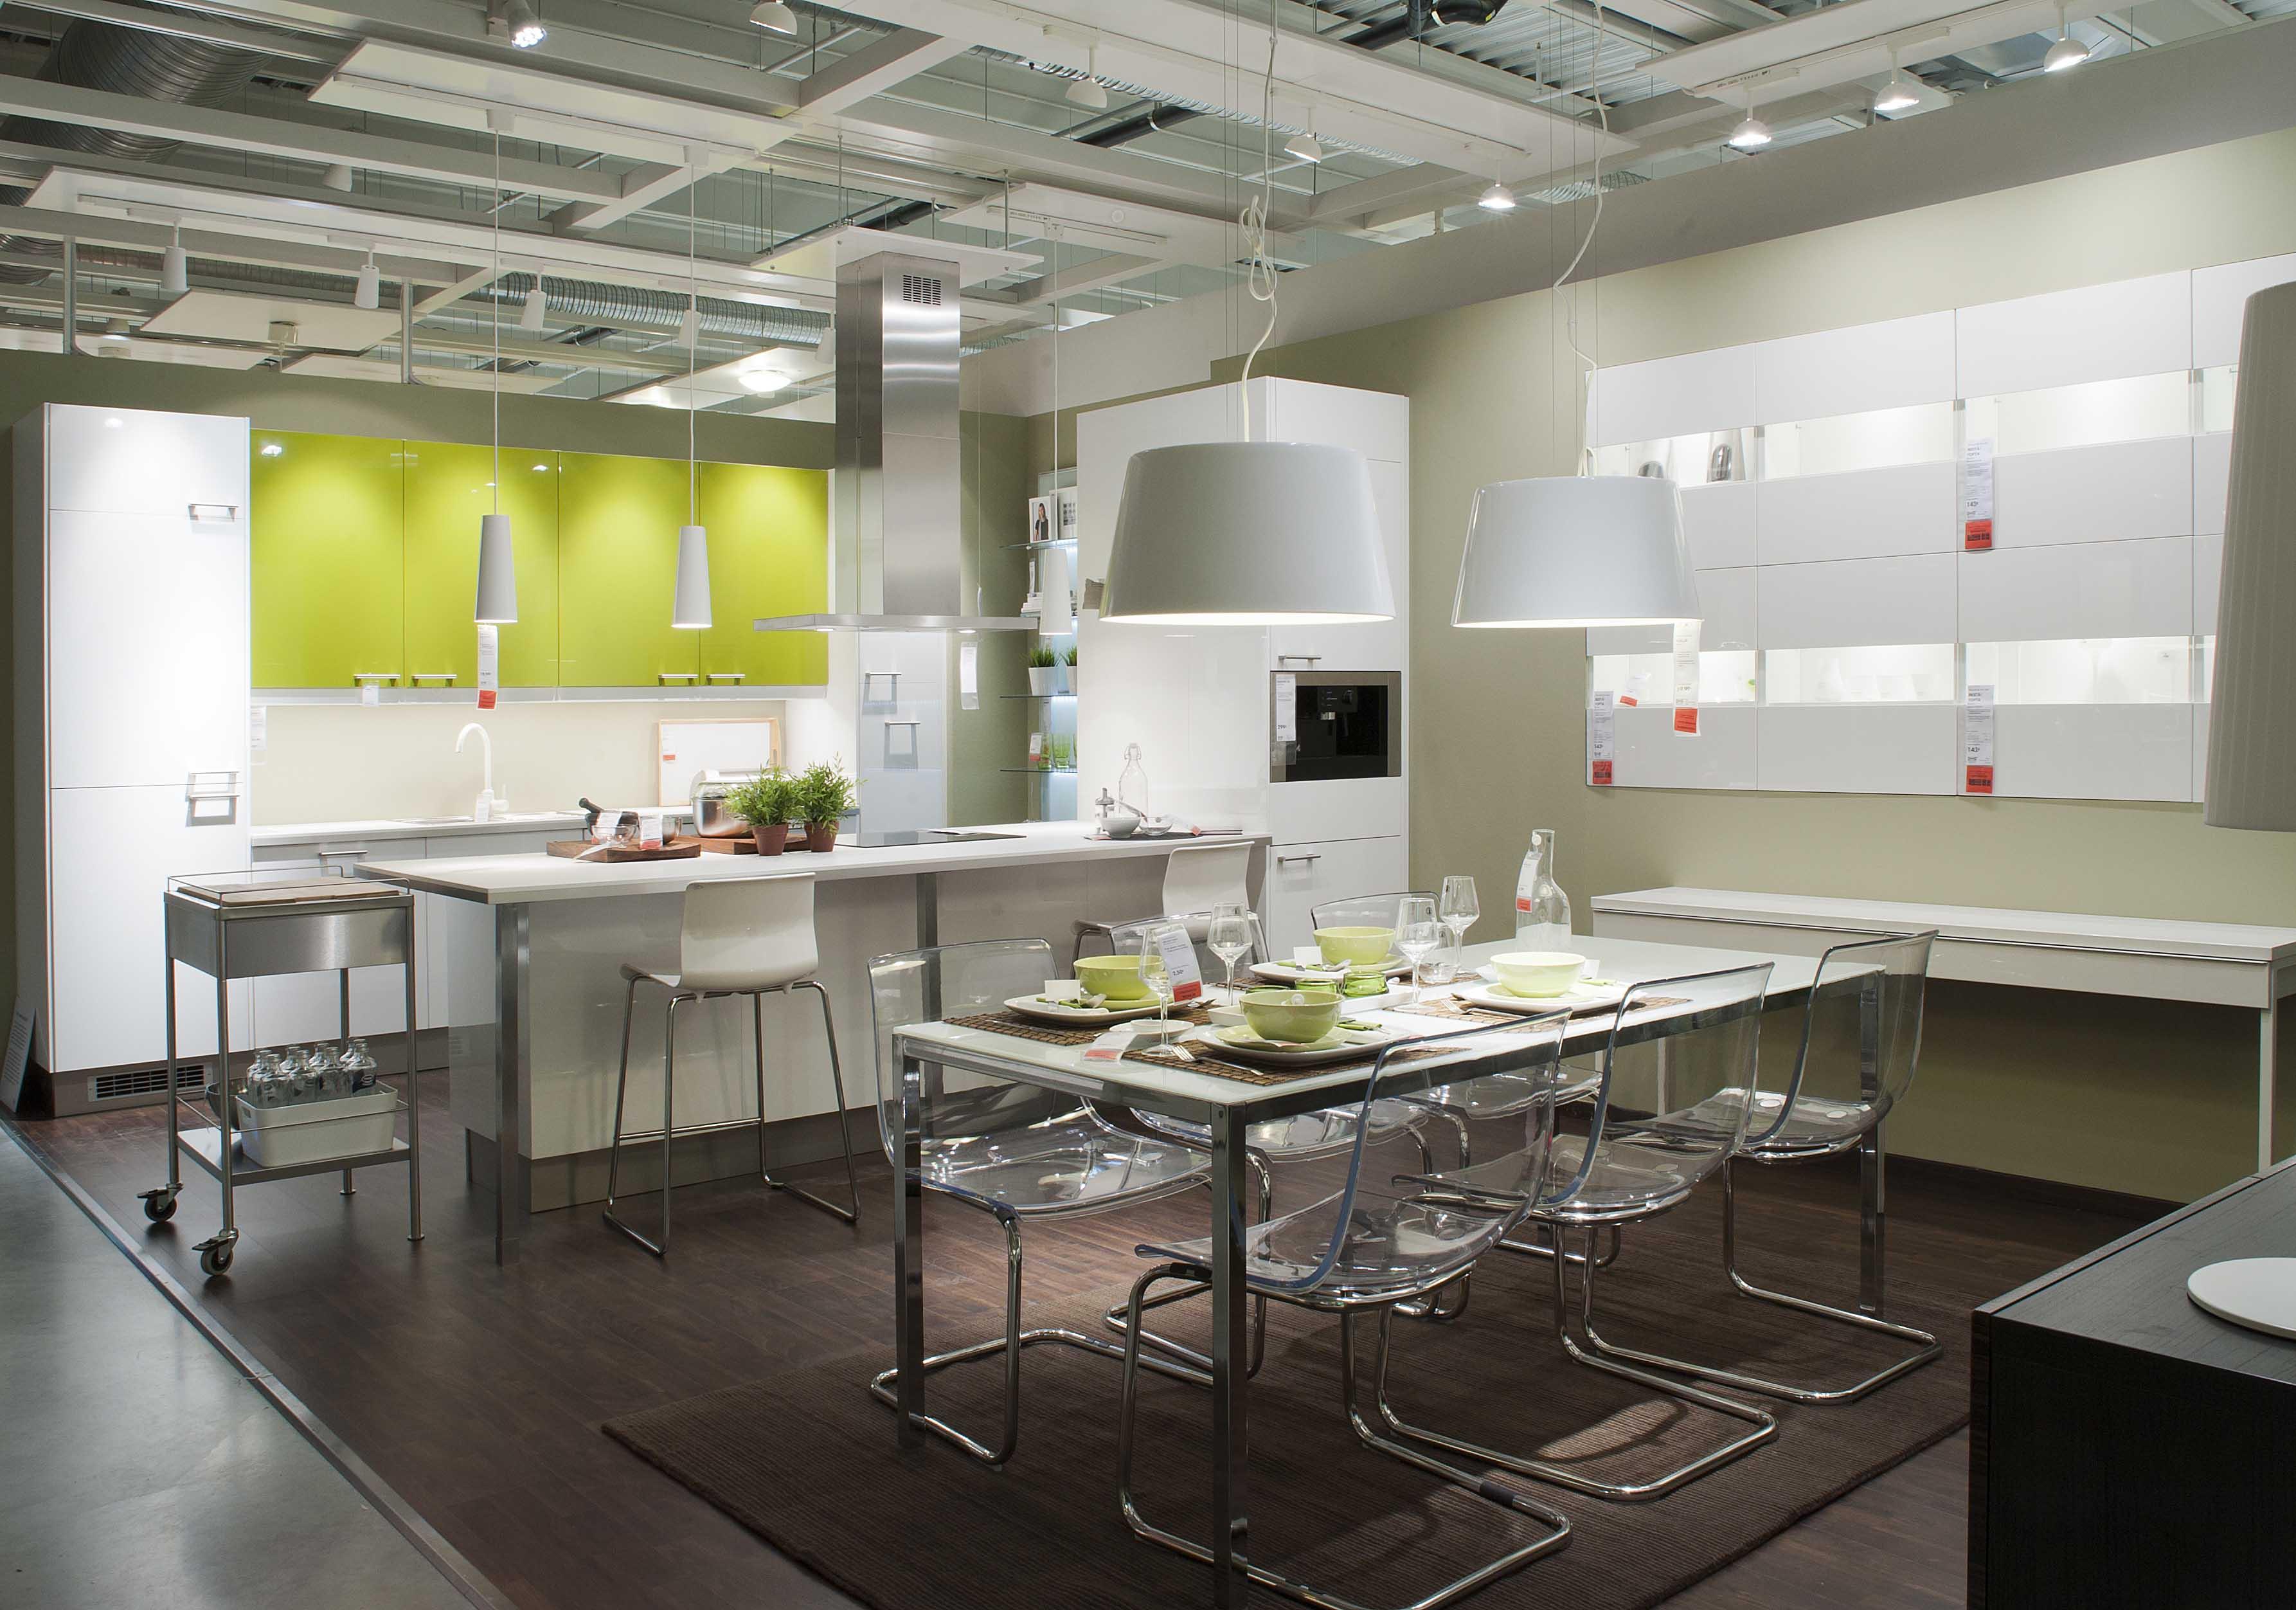 Muebles pisos completos baratos cheap pisos baratos - Piso completo ikea ...